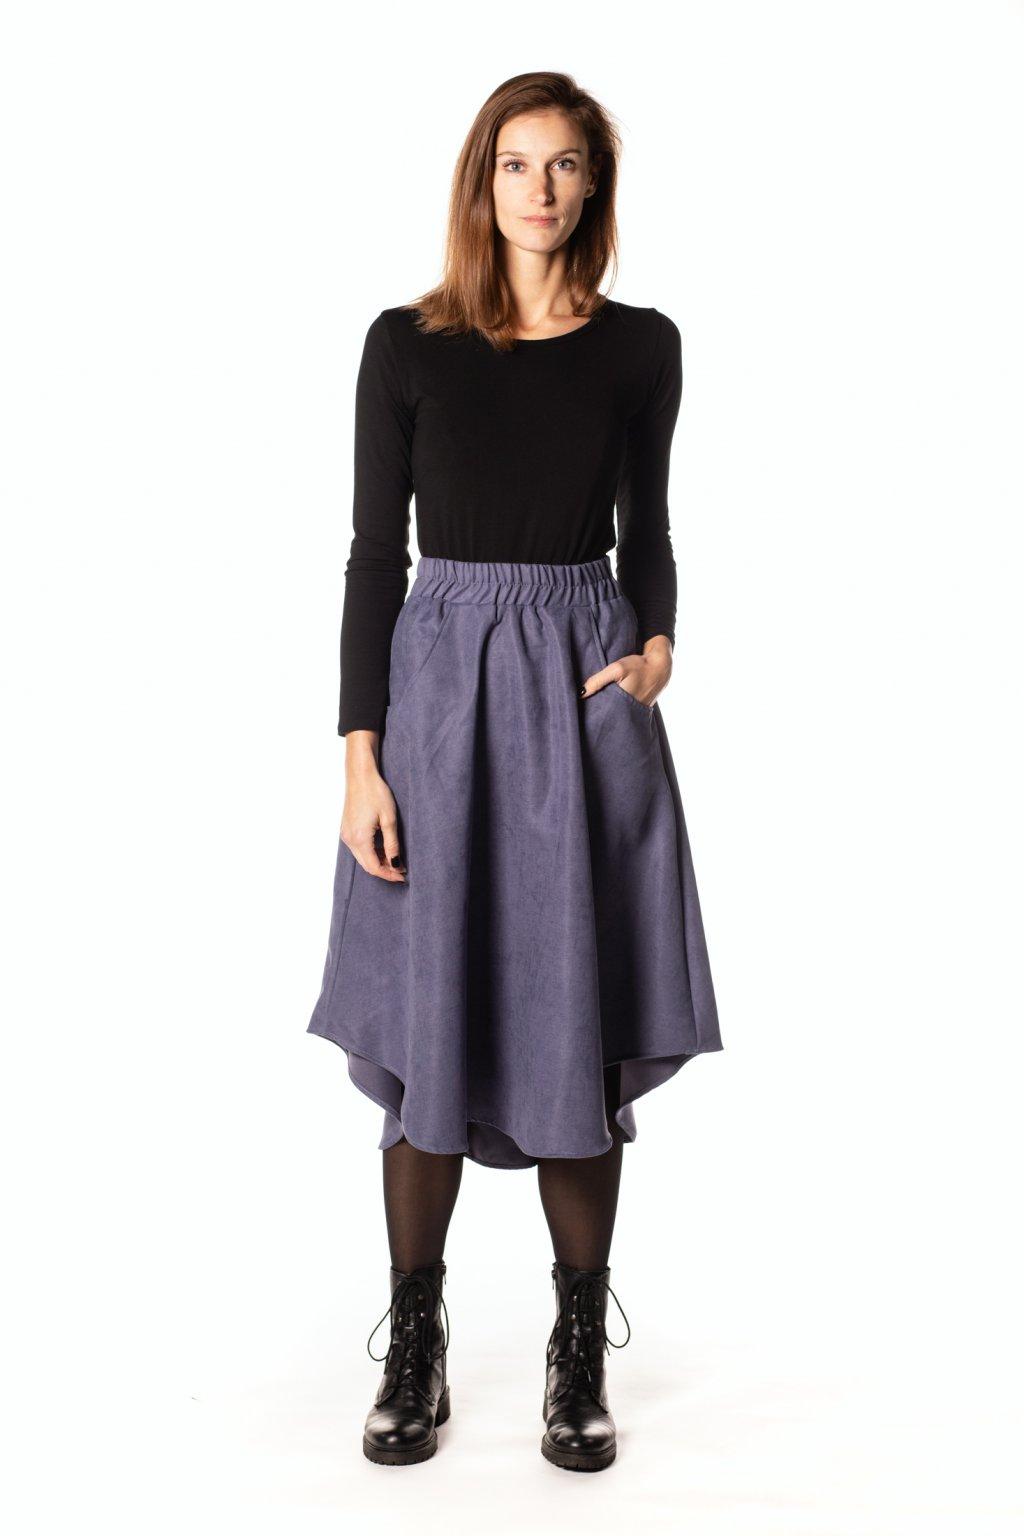 FIALOVO-MODRÁ asymetrická sukně (manšestr jemný)